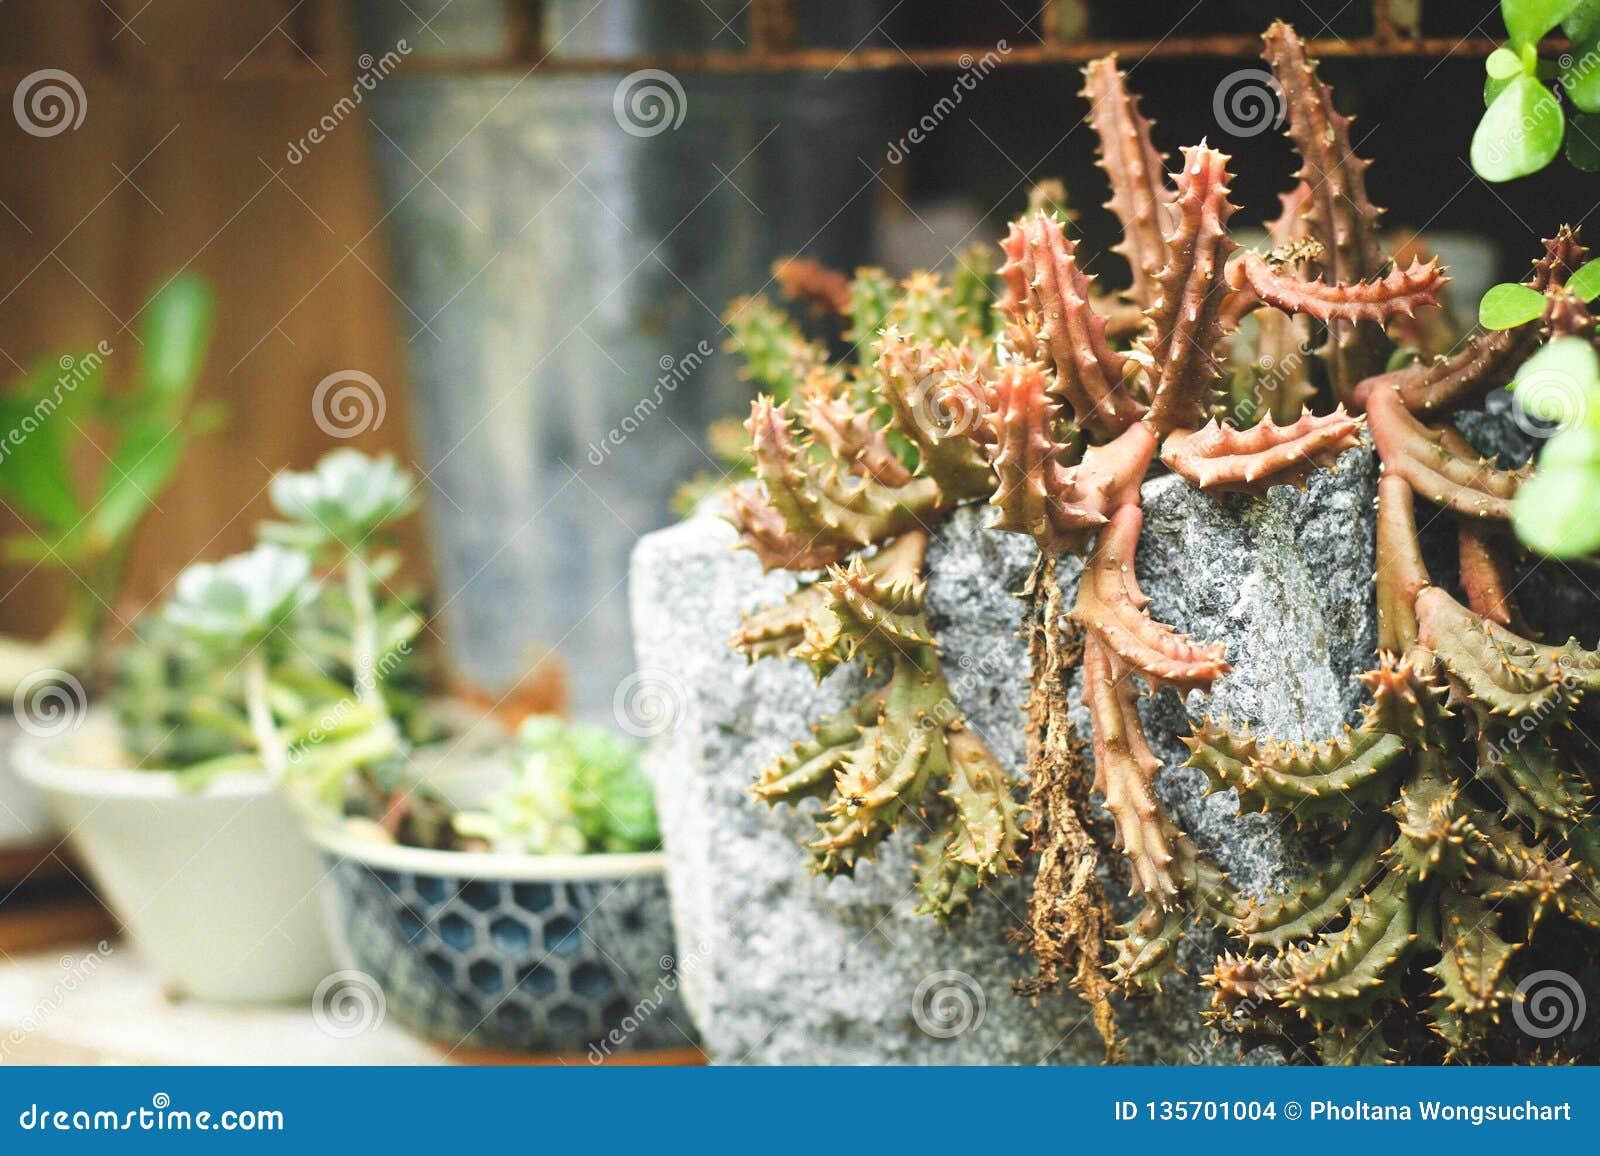 Installatiepotten van cement worden gemaakt die een kleurrijke cactusboom planten die